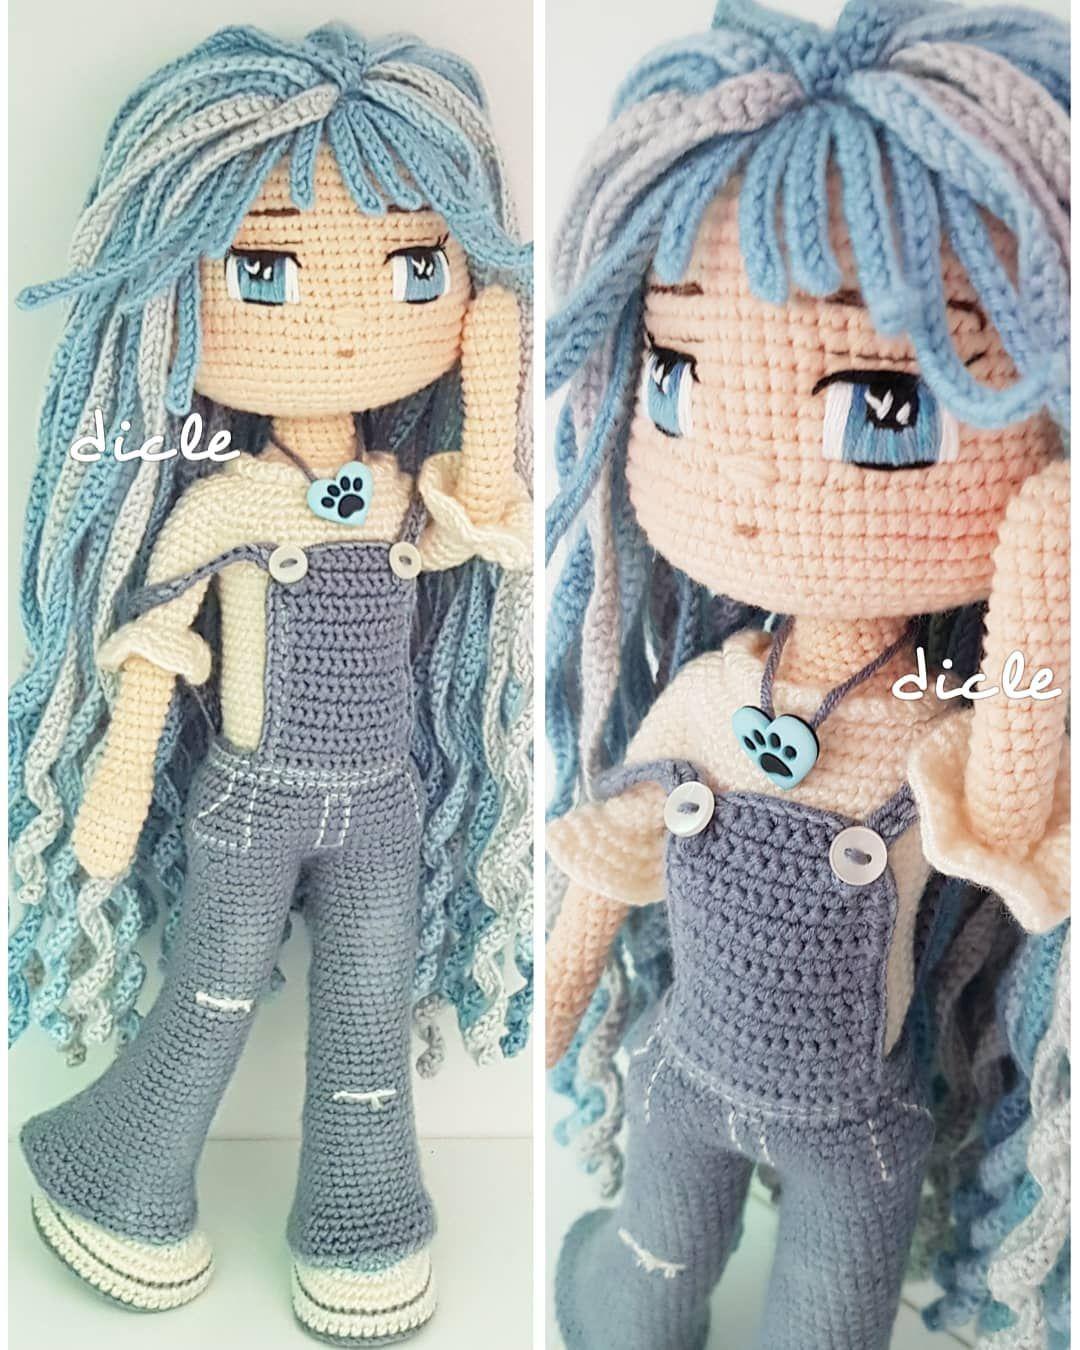 Amigurumi Oyuncak & Barbie Bebek Çeşitleri & Fiyatları - n11.com ... | 1350x1080